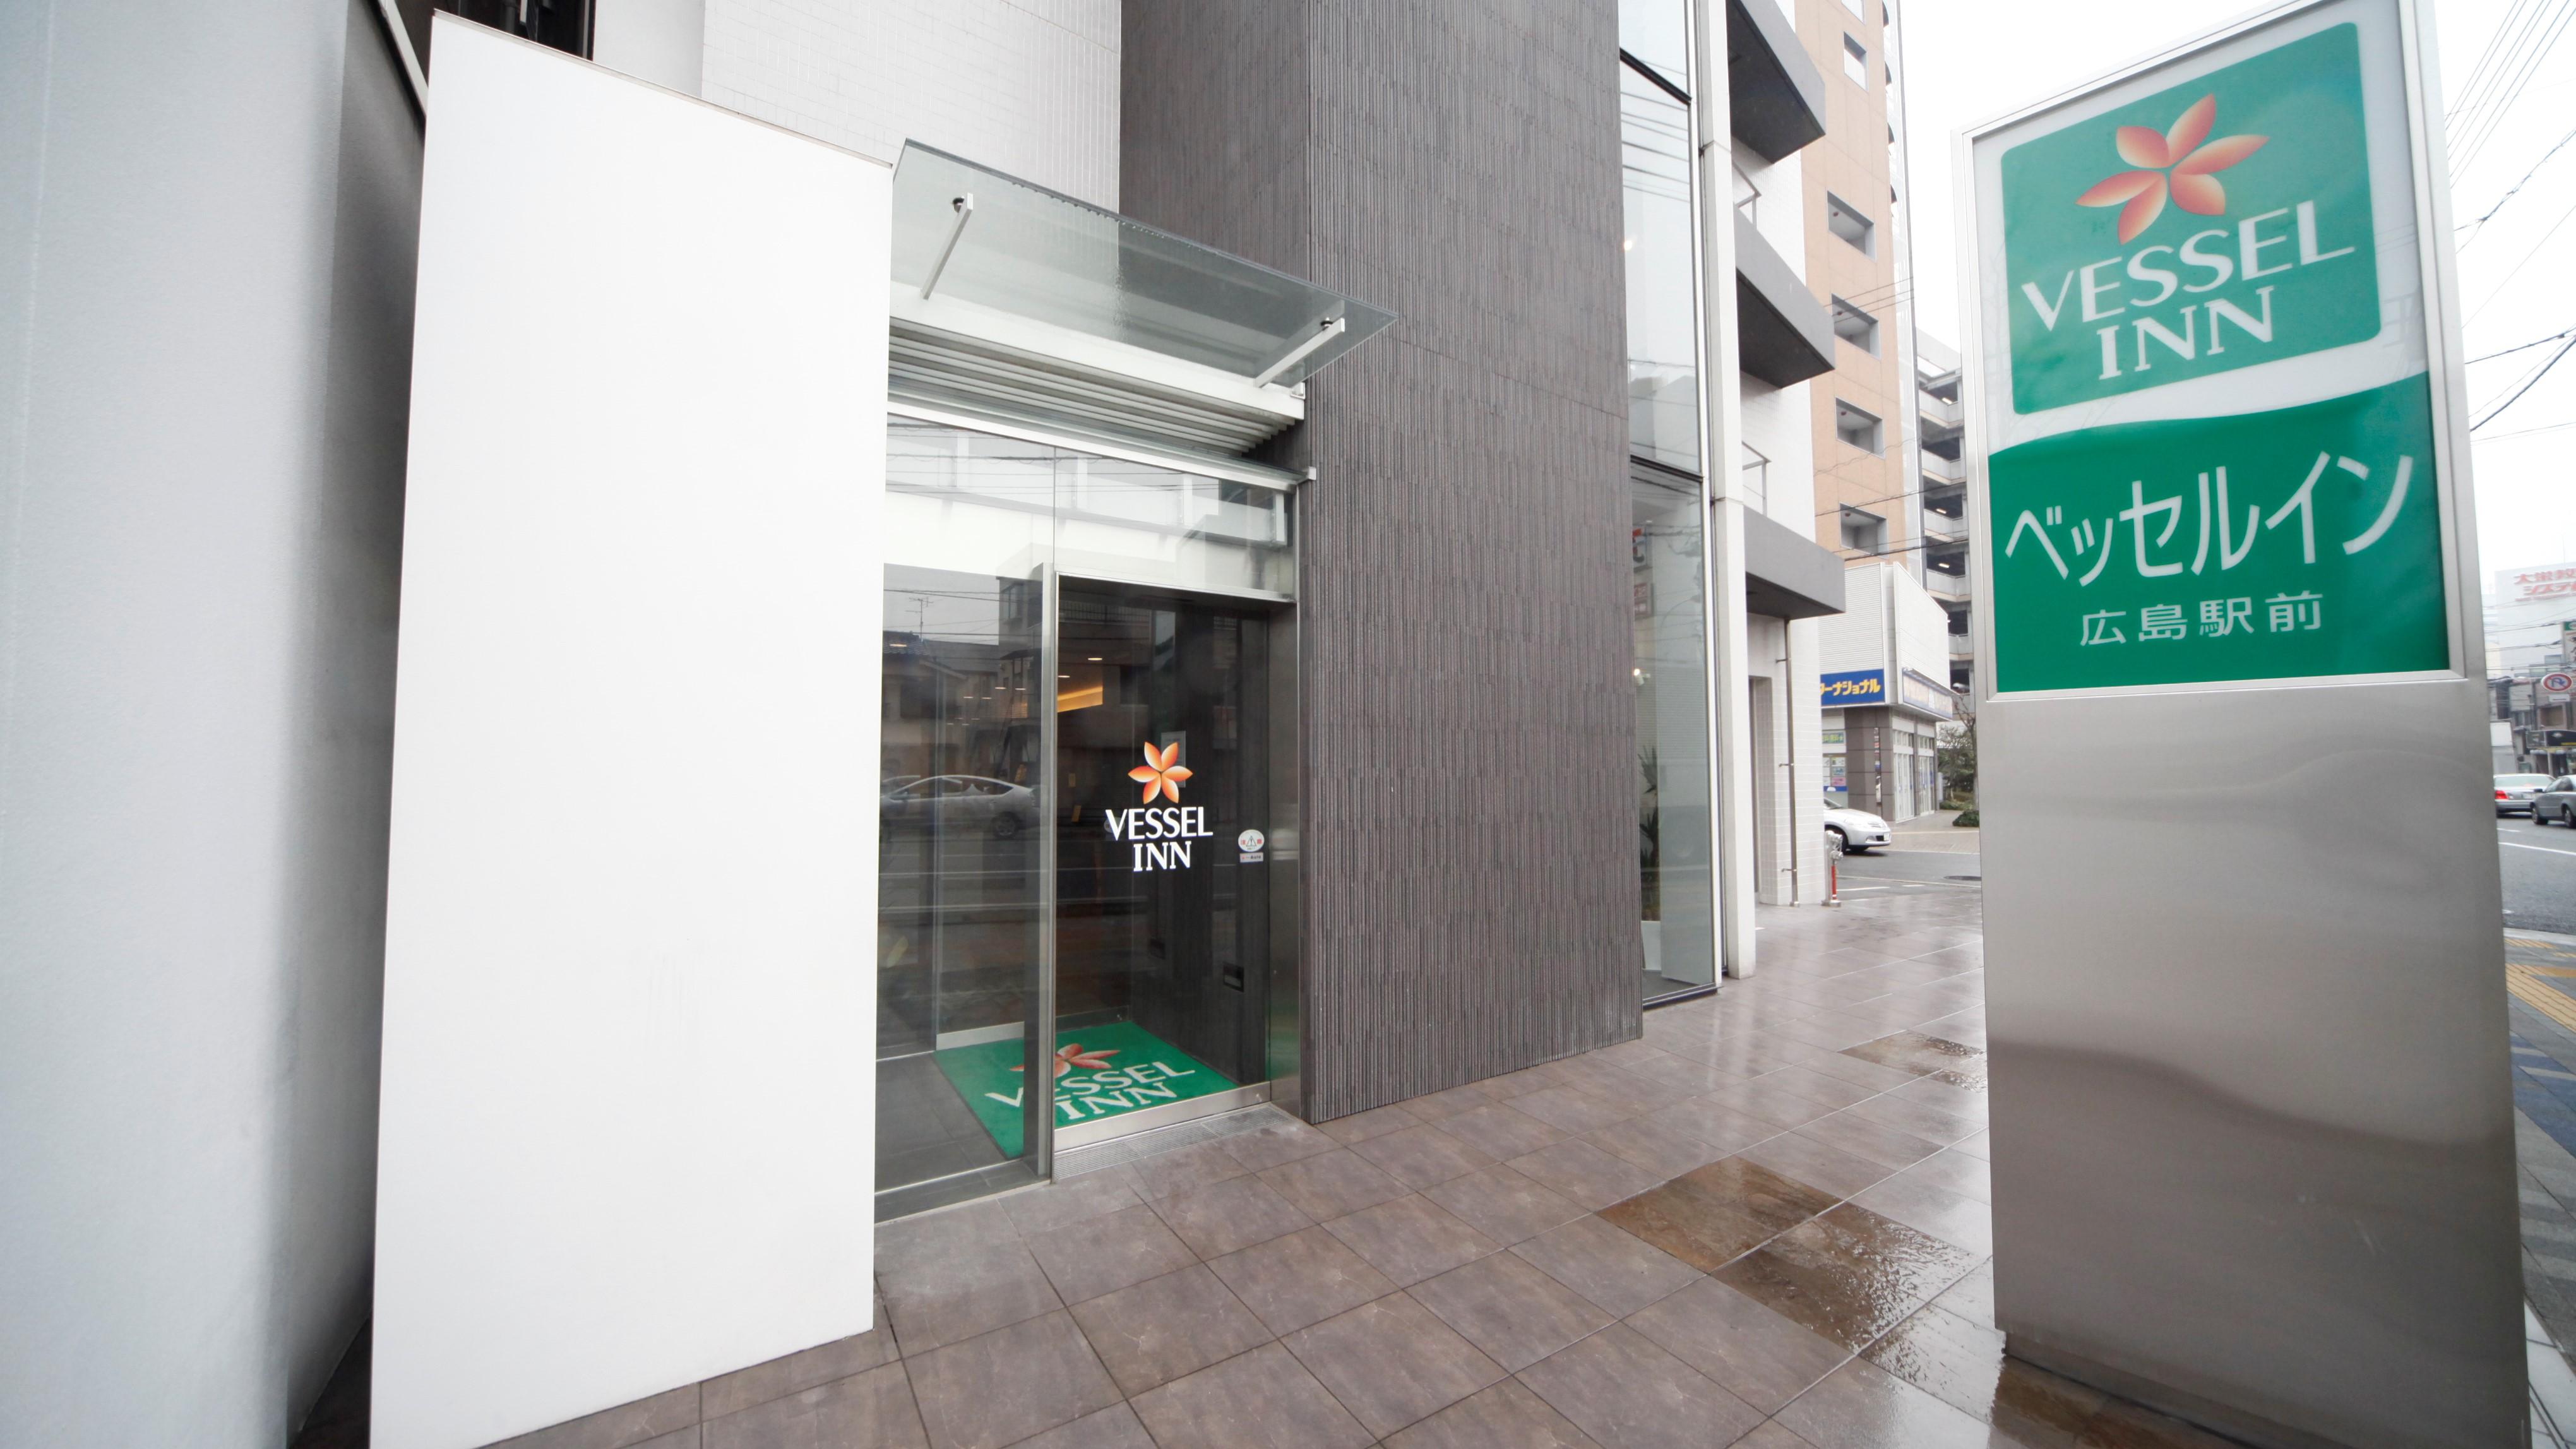 【広島】ホテルのグレードに関係なく、おいしい朝食付きのおすすめホテル